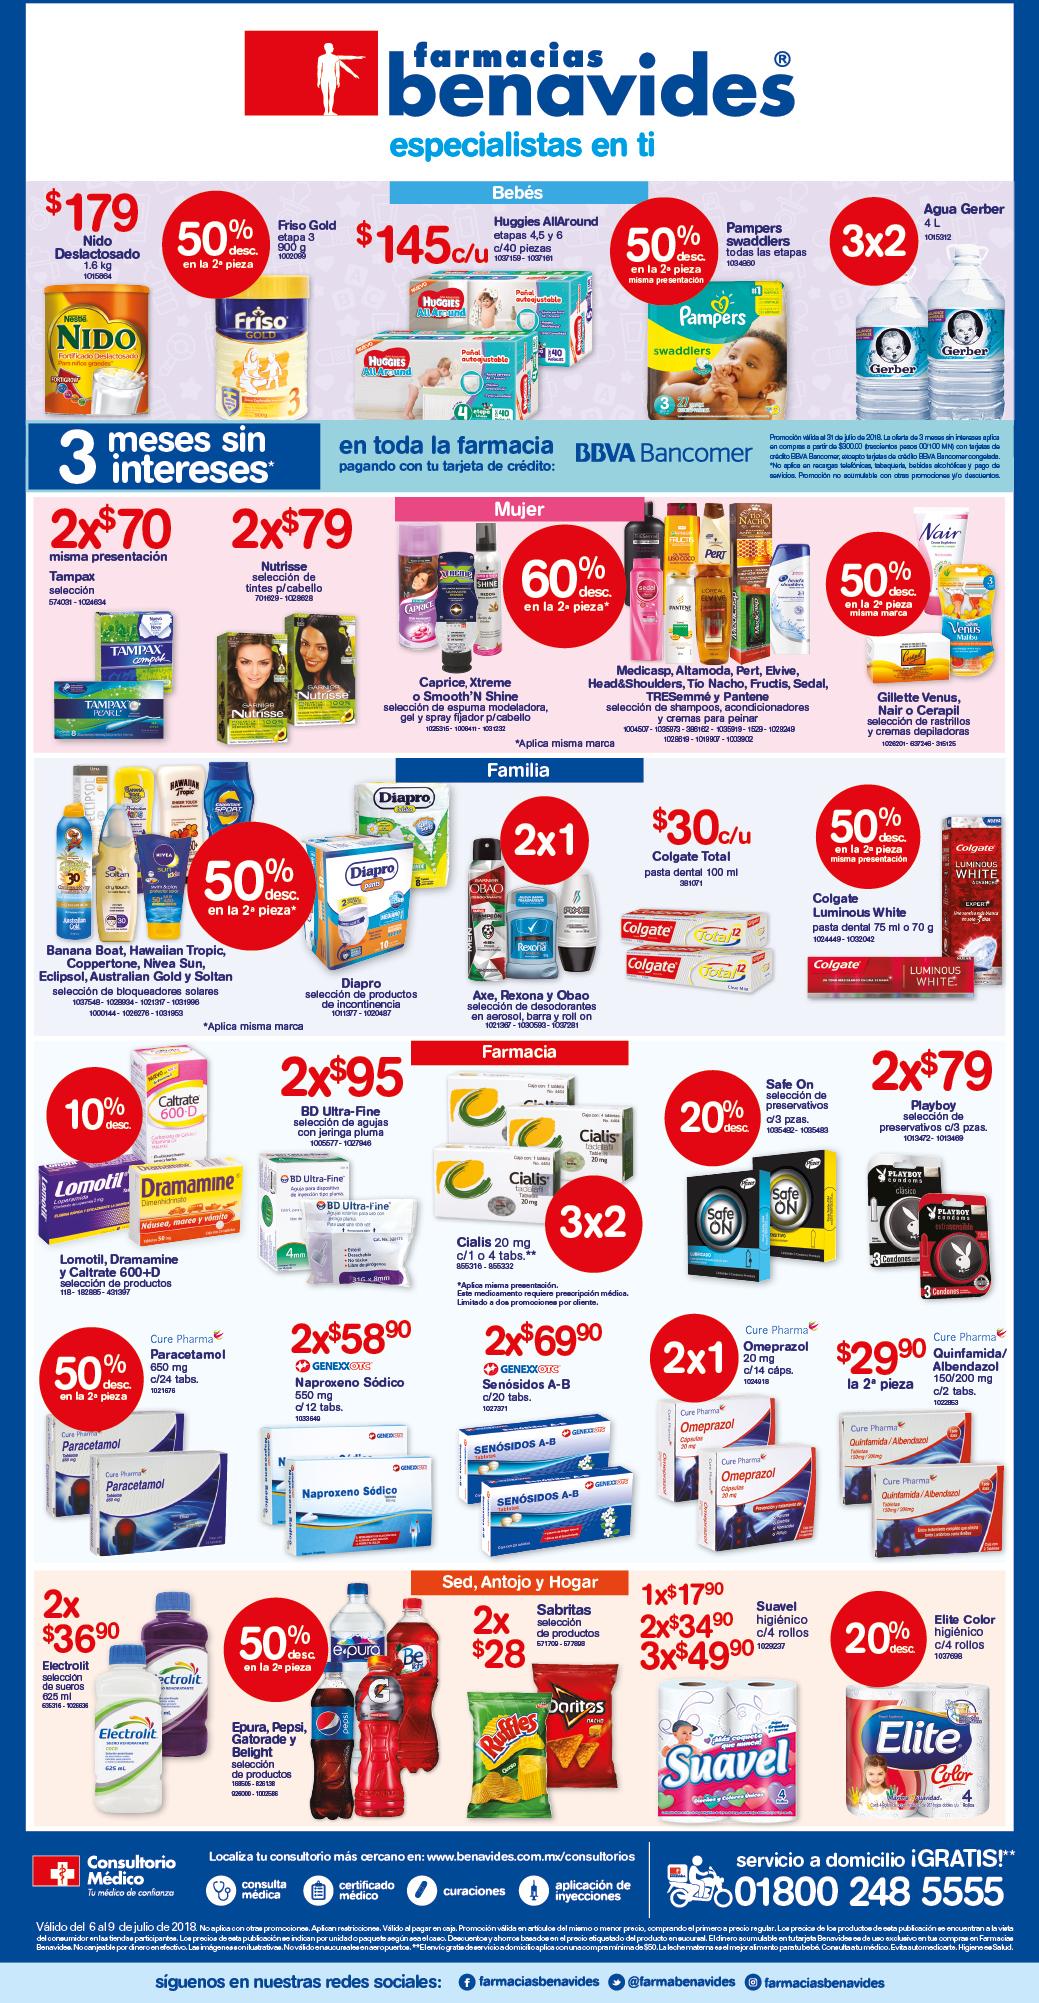 Farmacias Benavides: Ofertas del Viernes 6 al Lunes 9 de Julio